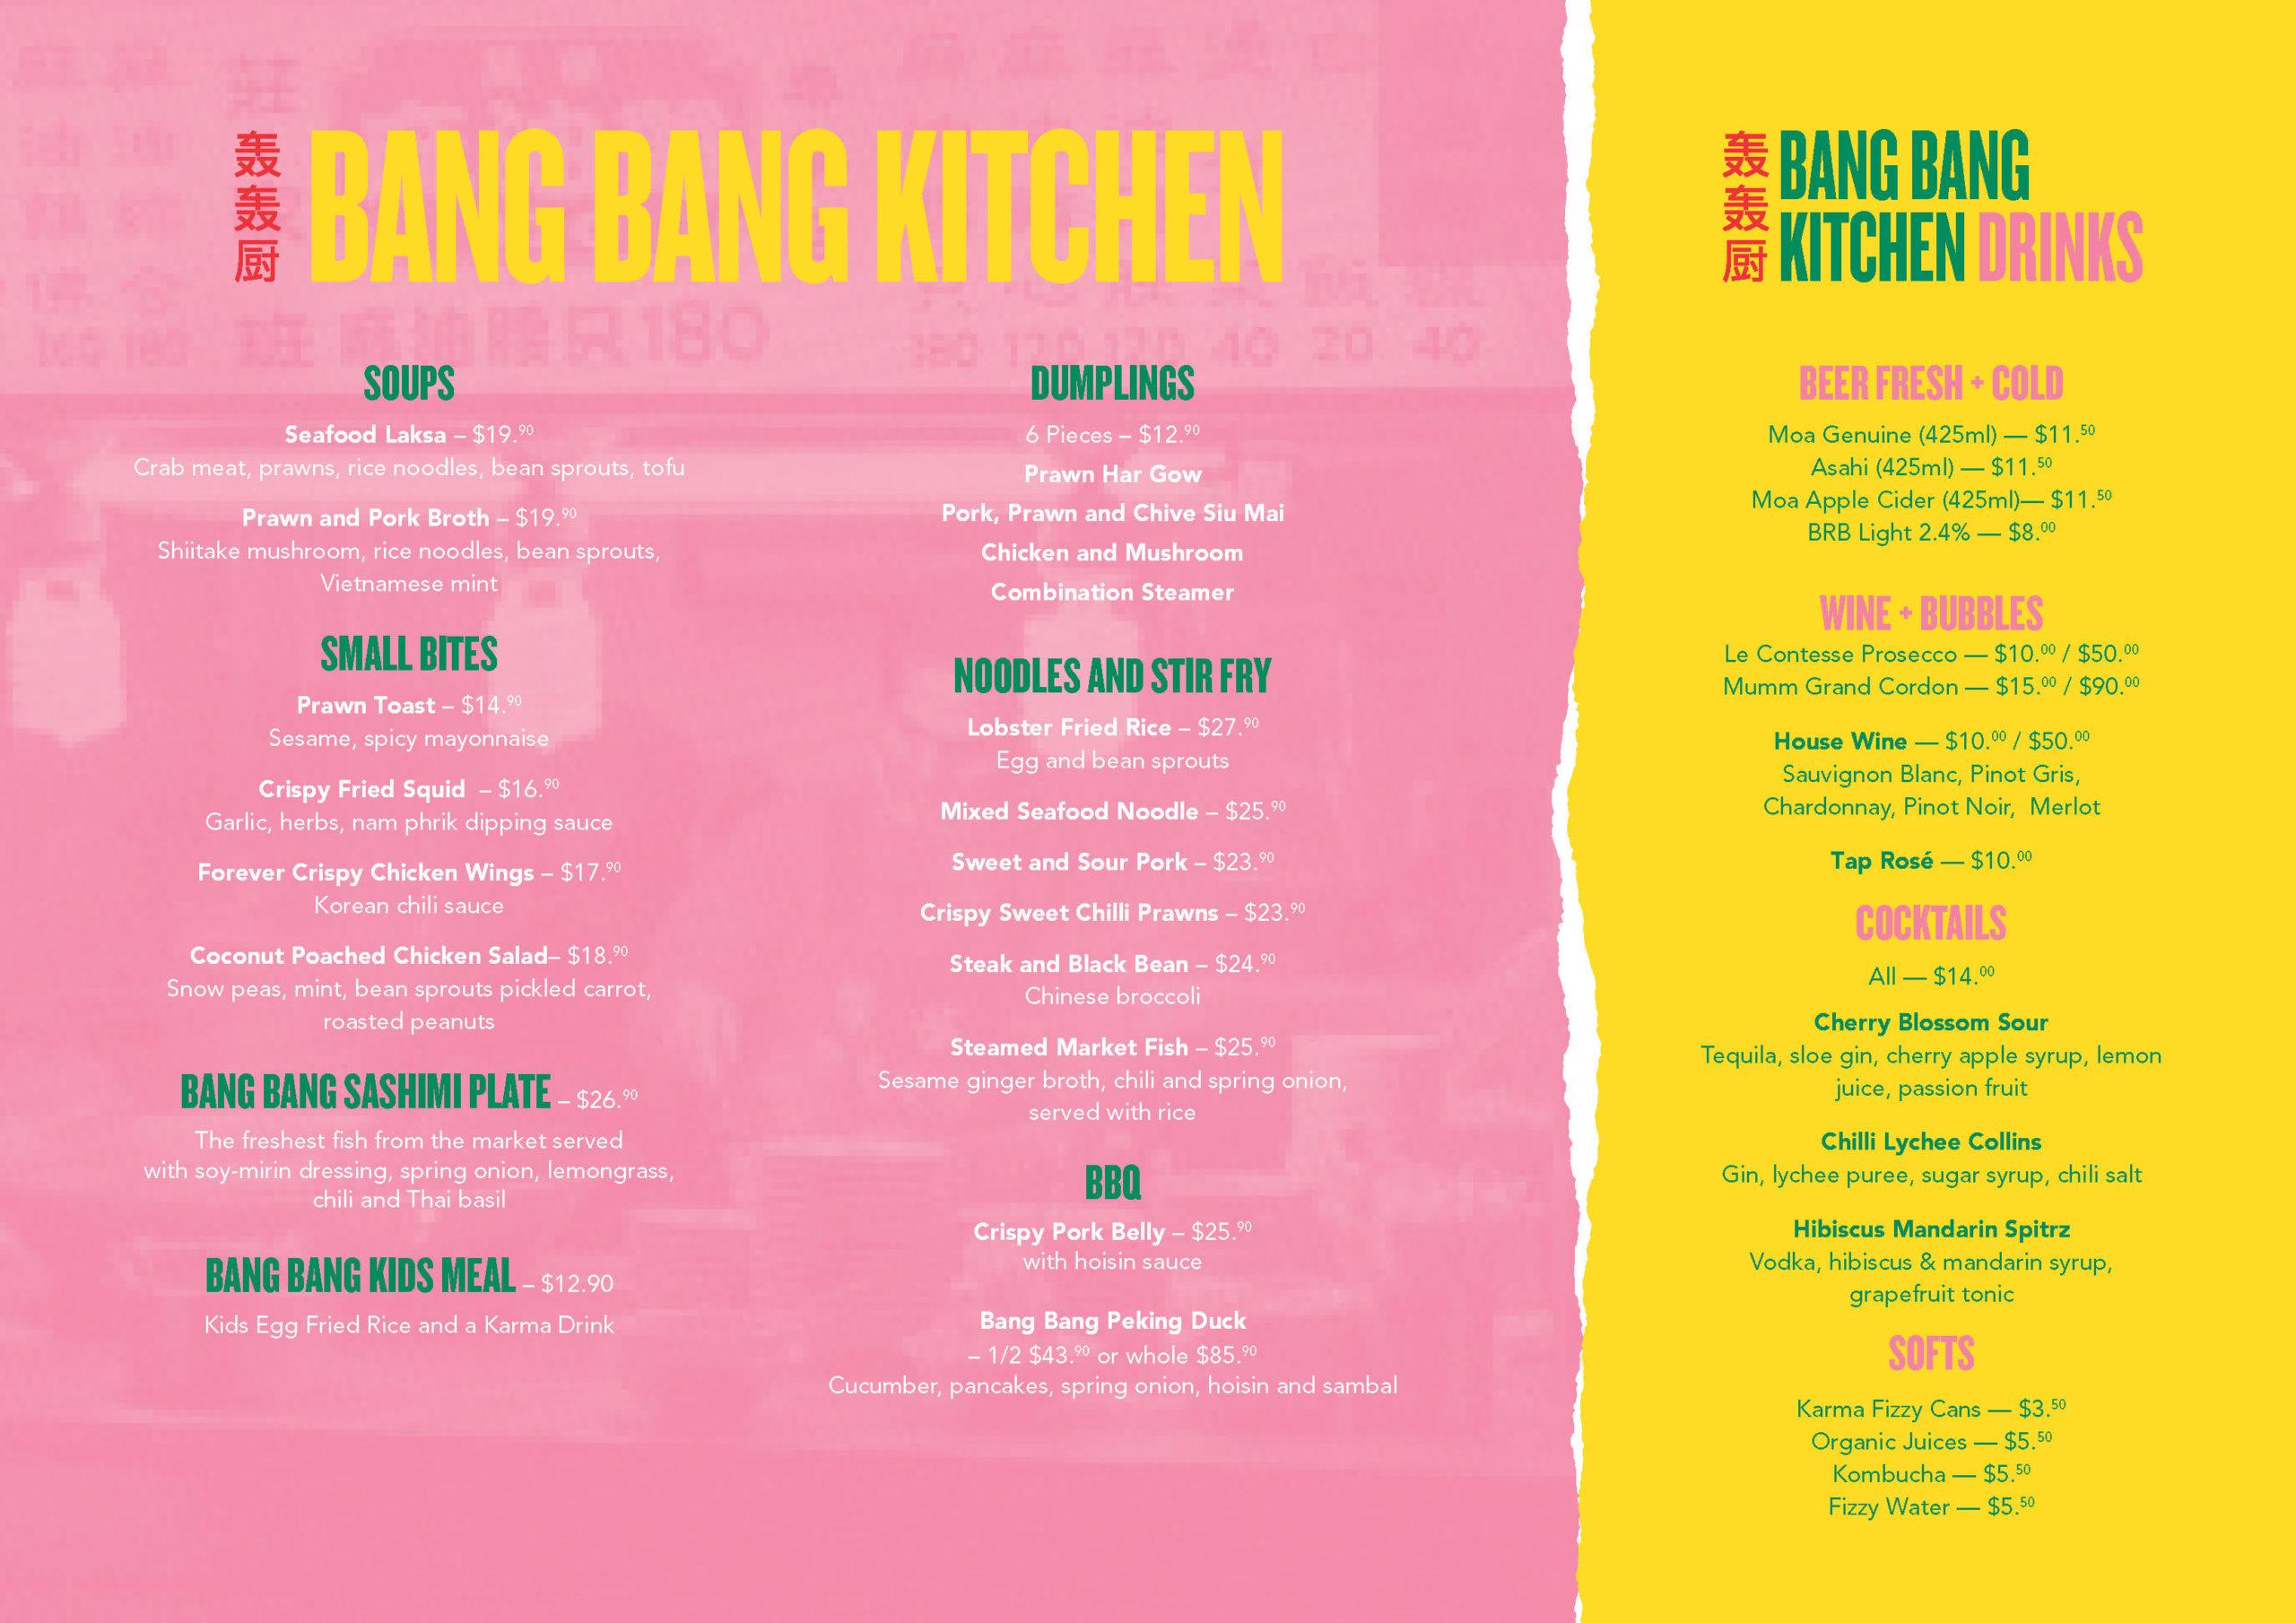 Bang Bang Kitchen menu